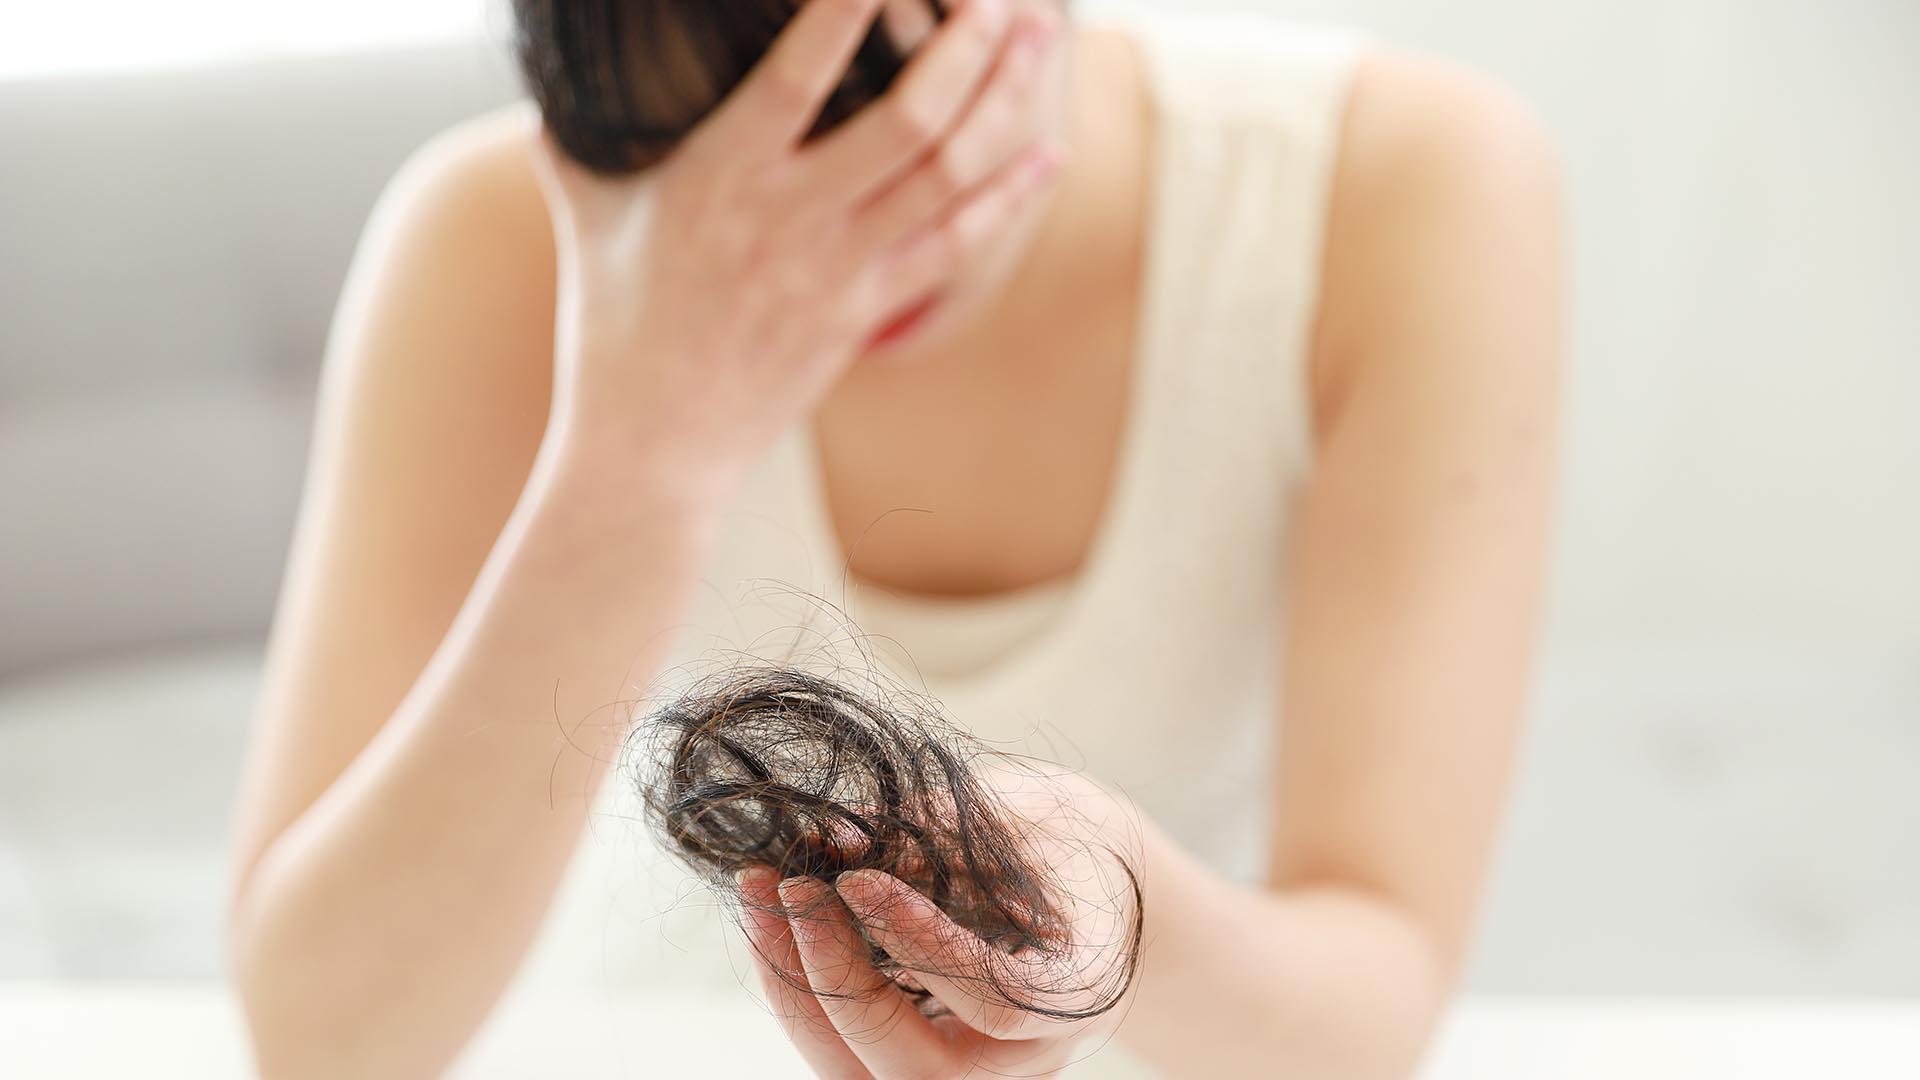 Mujer lloró tres días luego de derretir su cabello con un tratamiento - Telemundo